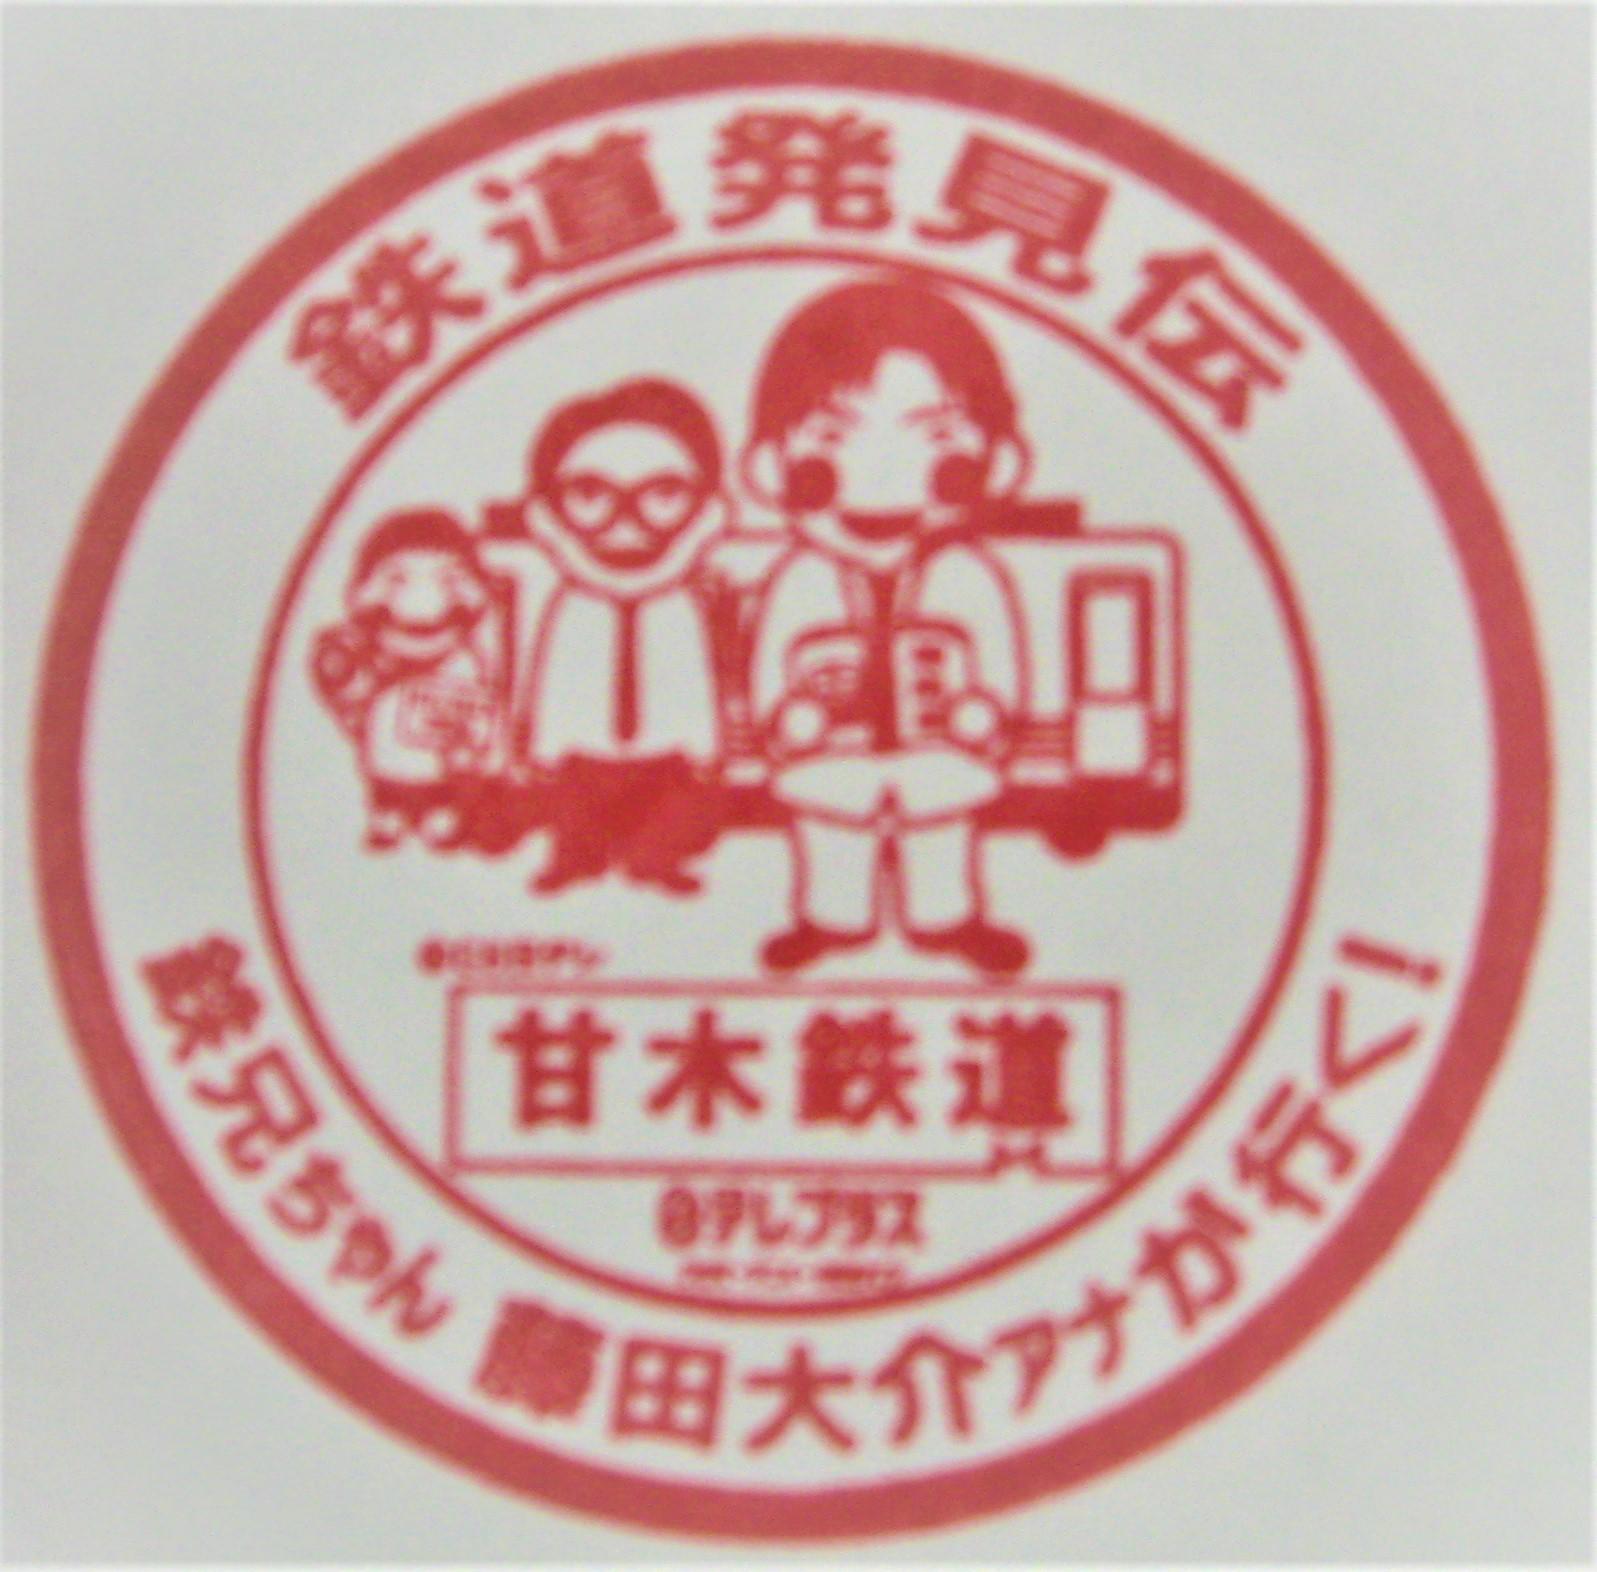 単独表示 IMG_8534 (2).JPG